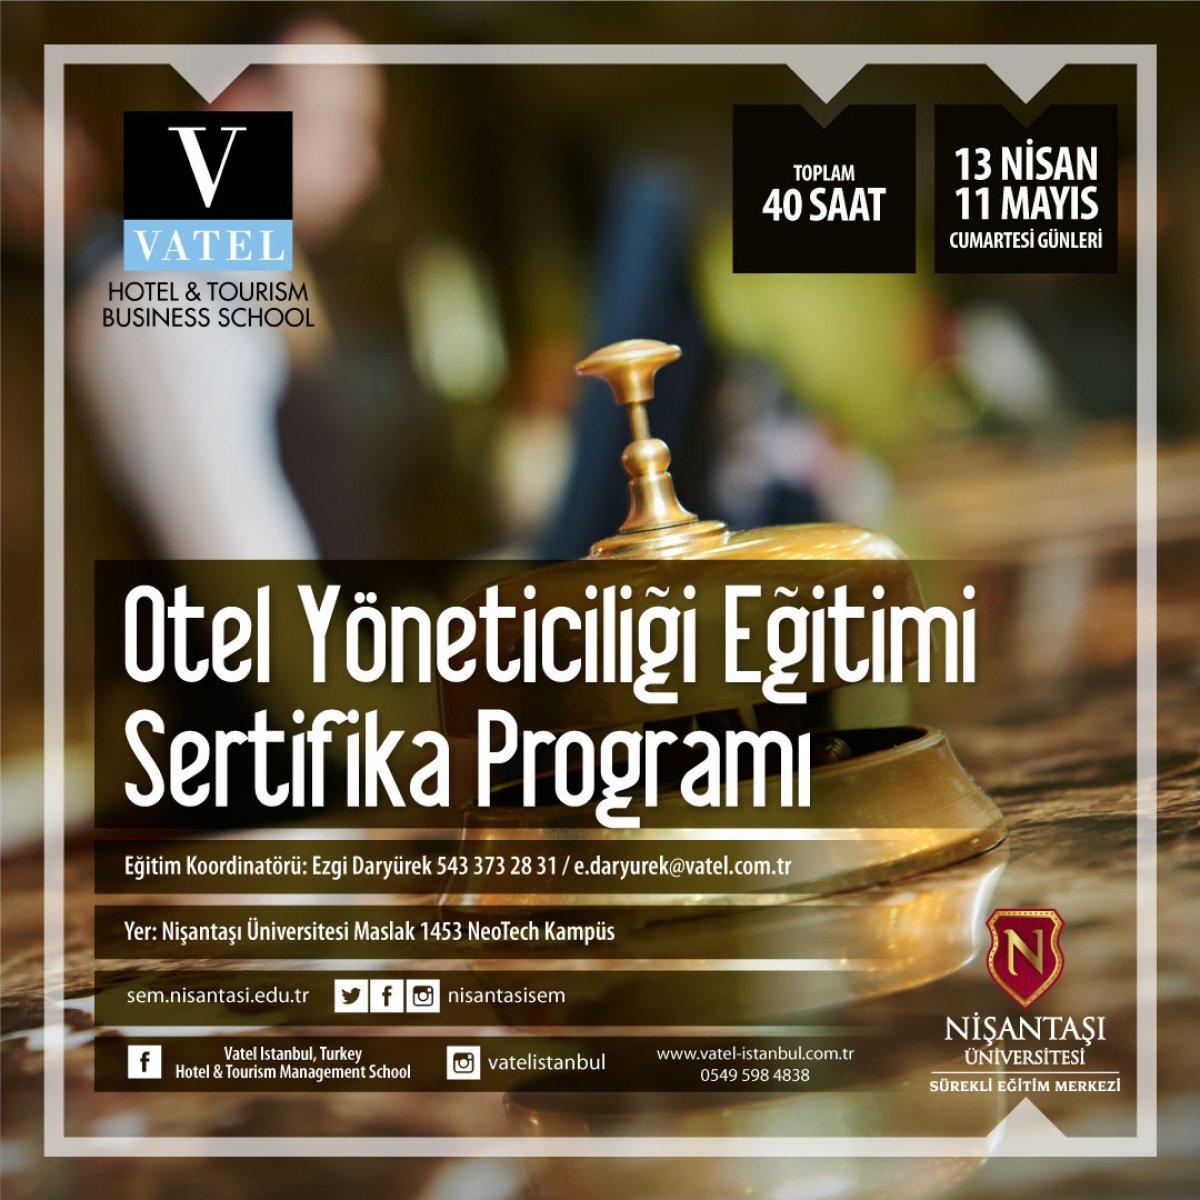 Otel Yöneticiliği Sertifika Programı